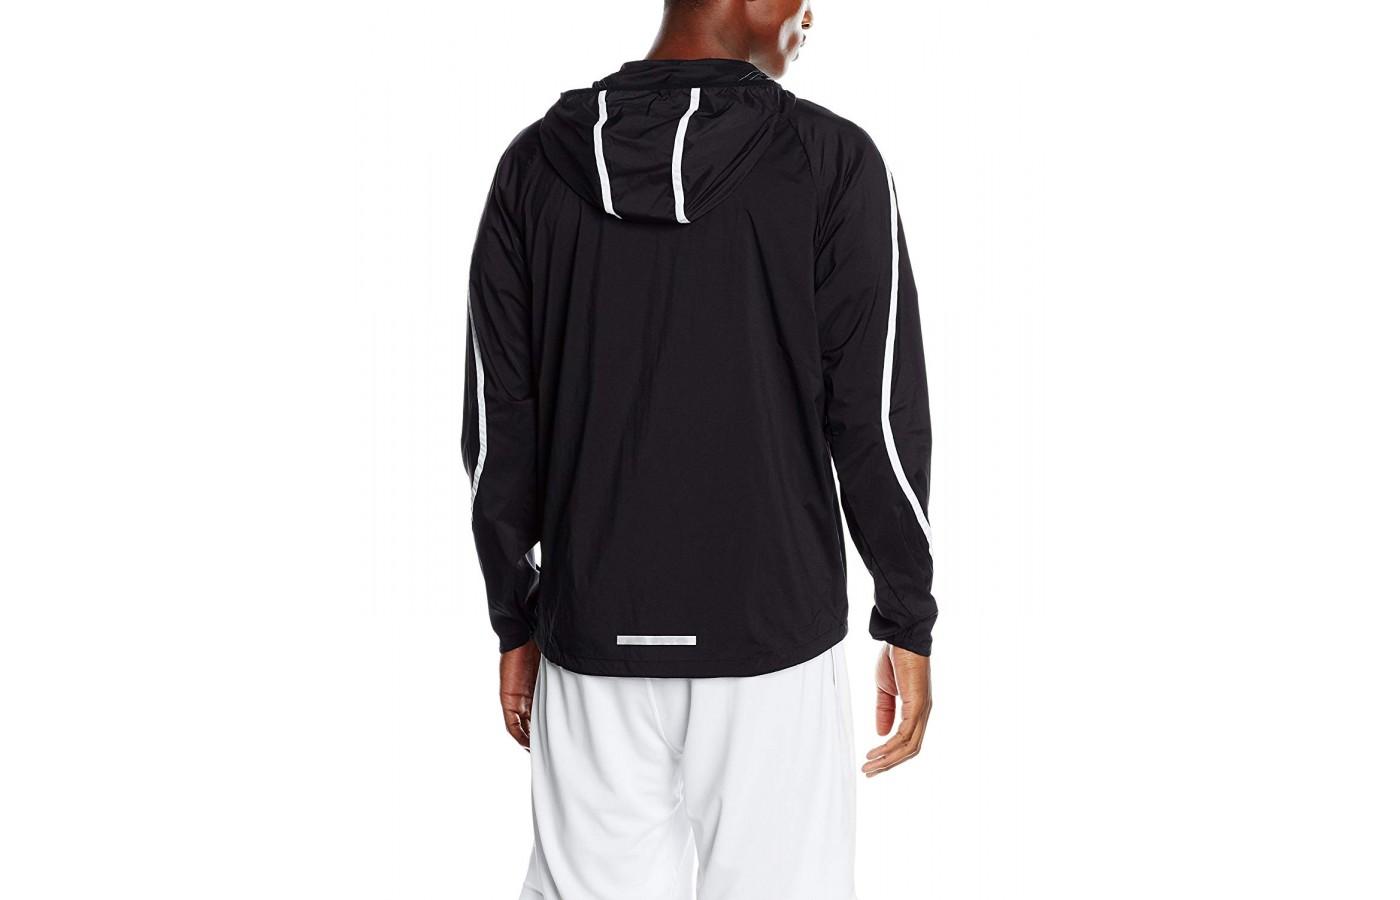 Nike Impossibly Light Jacket back